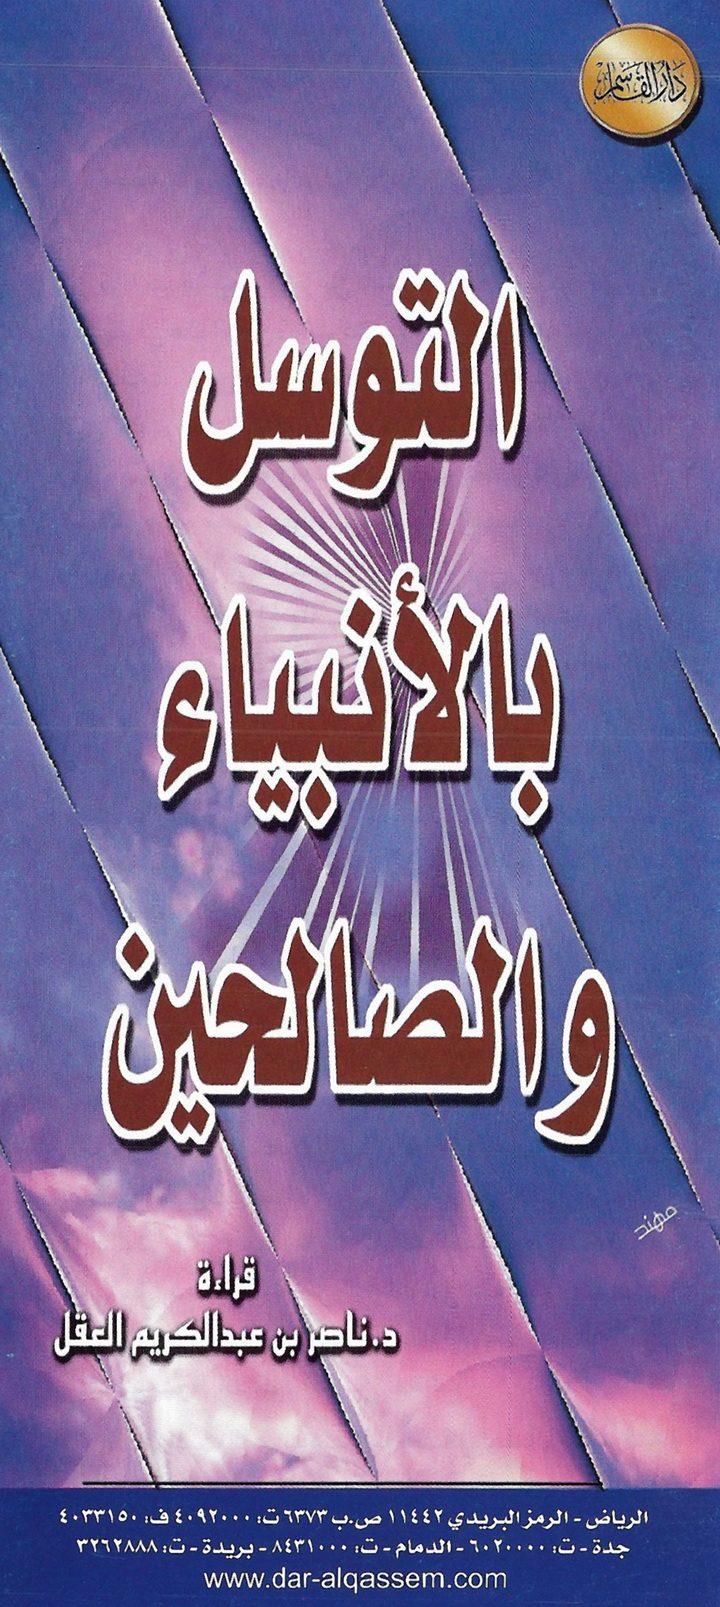 التوسل بالأنبياء والصالحين (ناصر بن عبد الكريم العقل – دار القاسم)